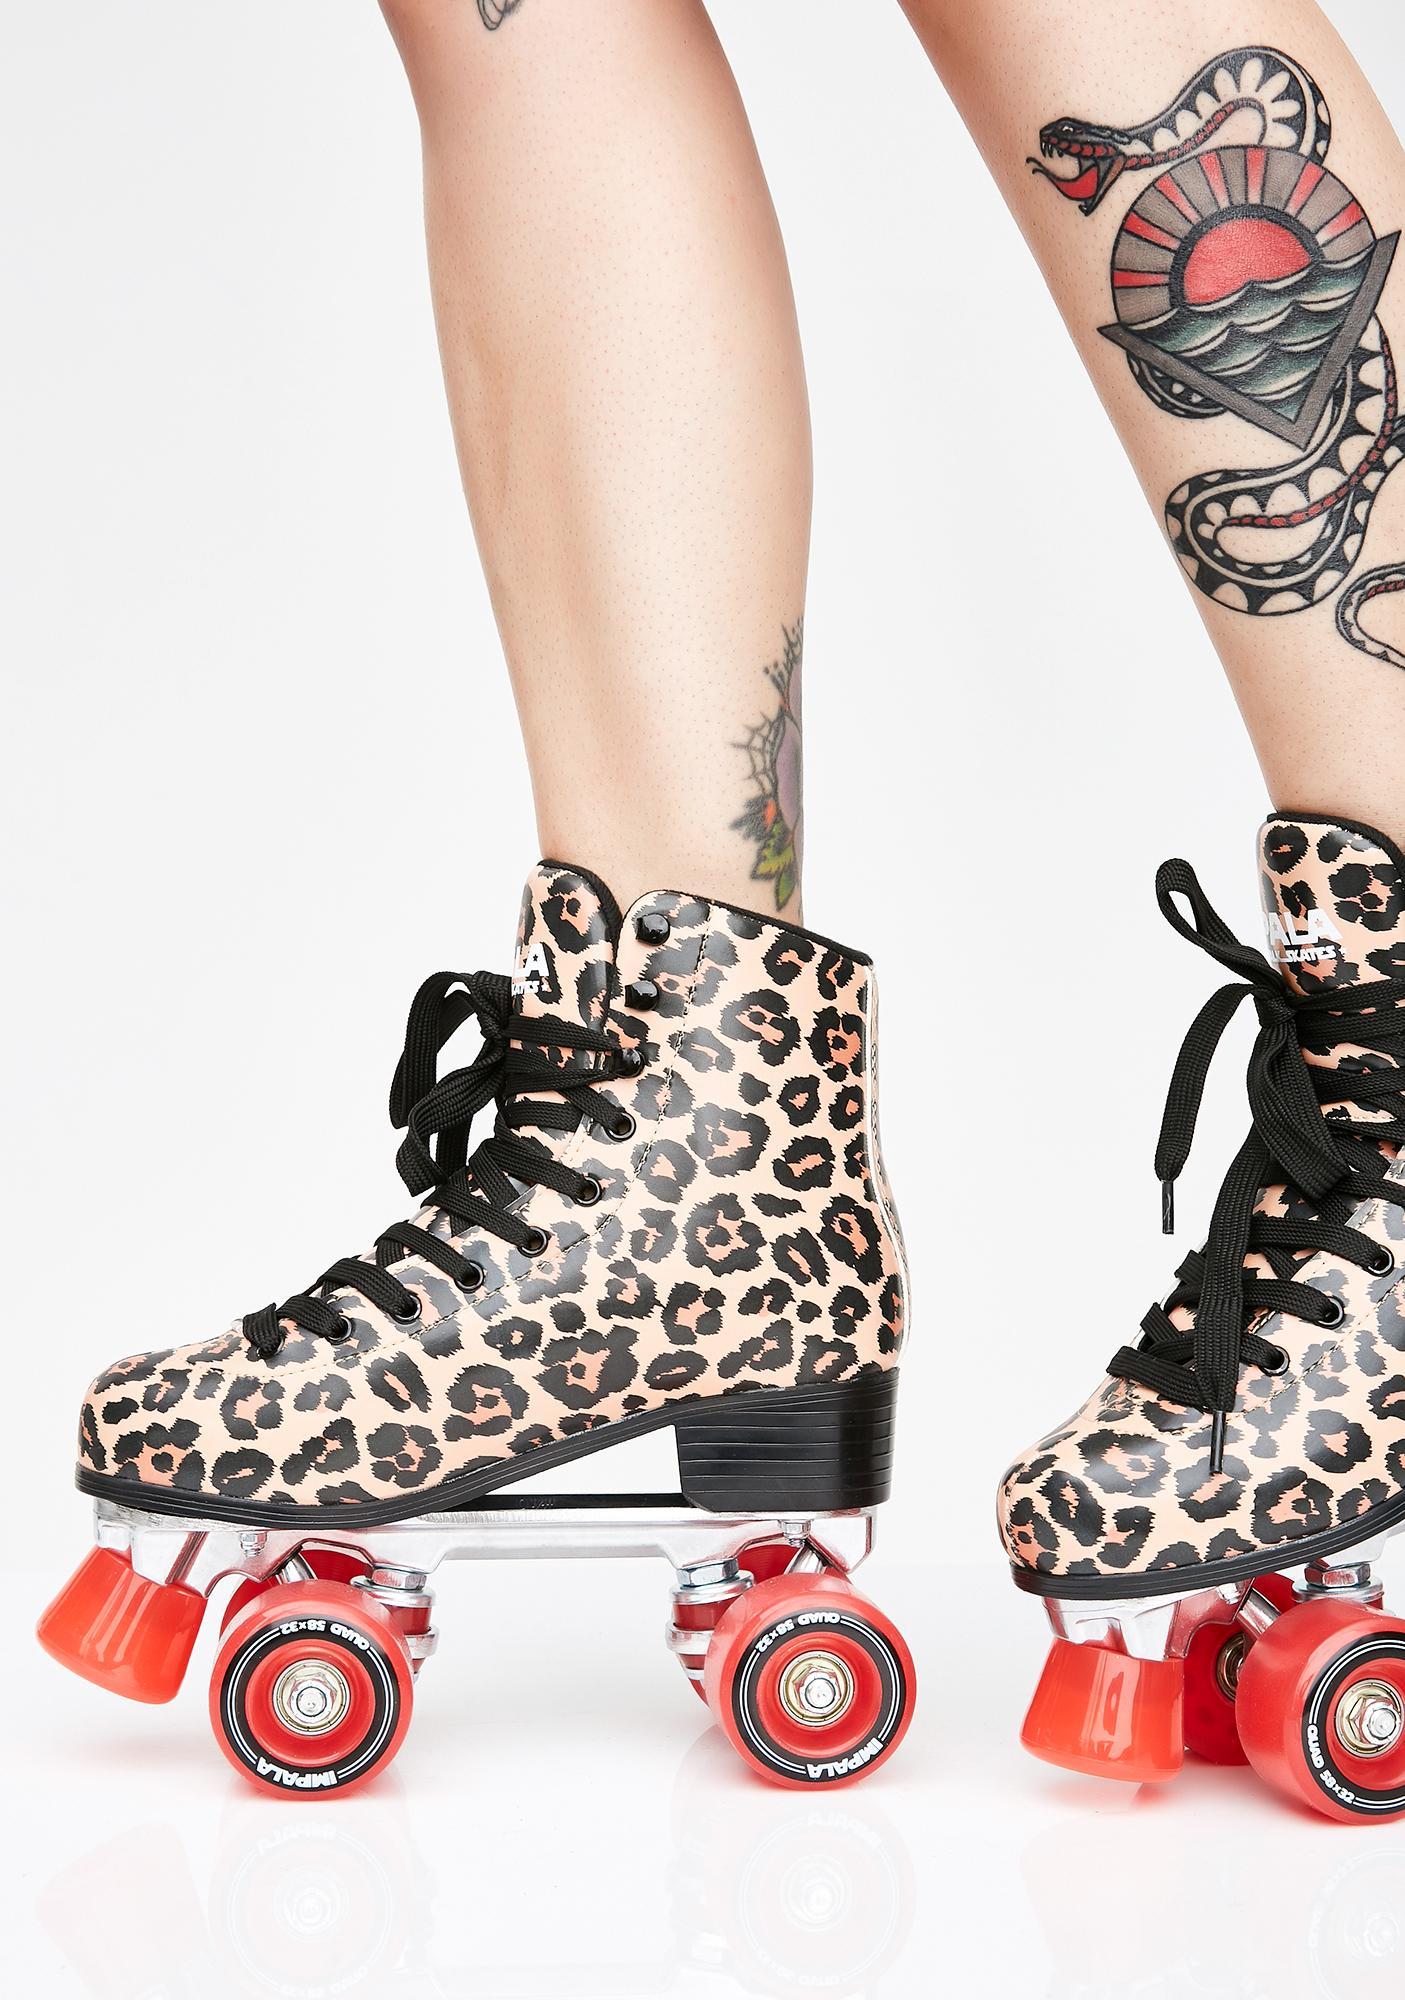 Impala Rollerskates Leopard Roller Skates